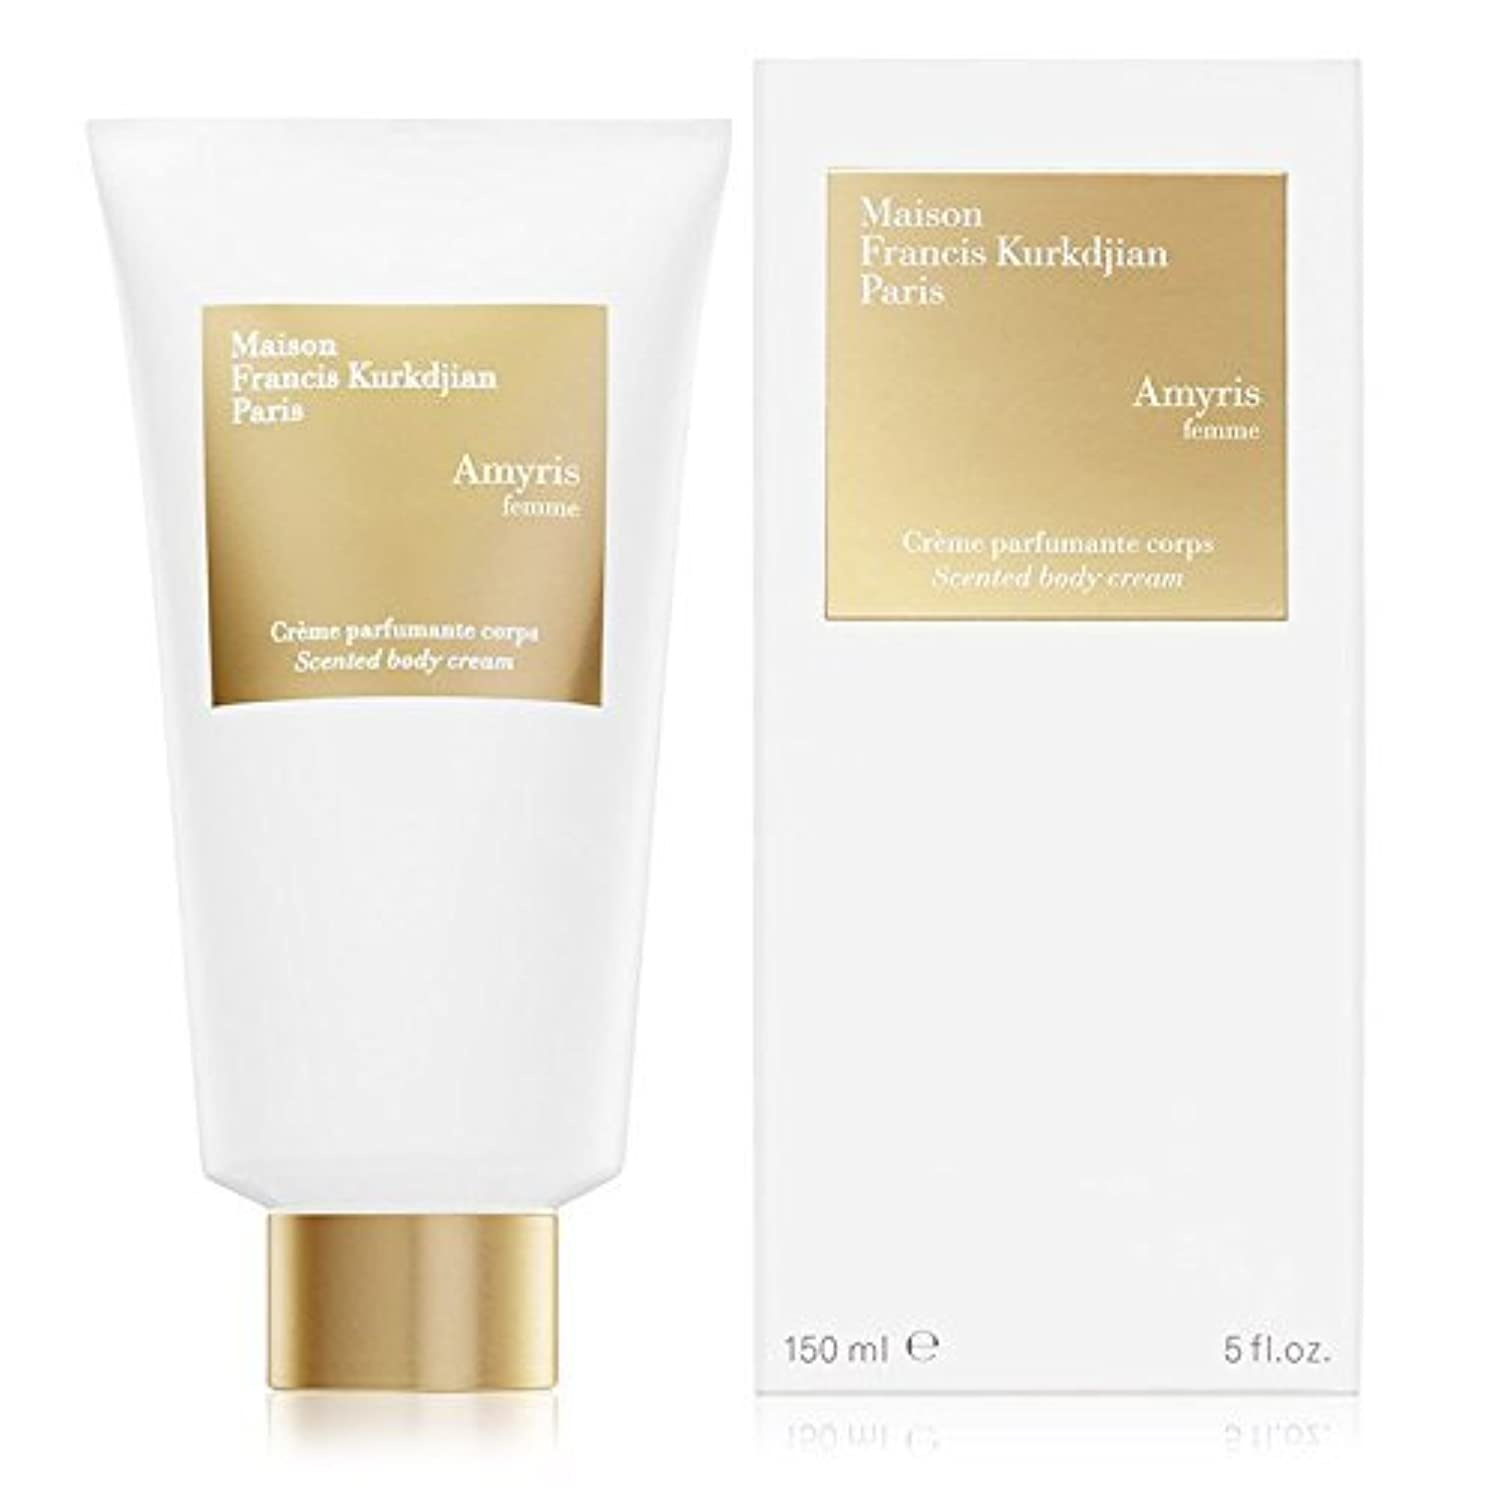 牛有料自伝Maison Francis Kurkdjian Amyris Femme Scented Body Cream(メゾン フランシス クルジャン アミリス ファム ボディクリーム)150ml [並行輸入品]